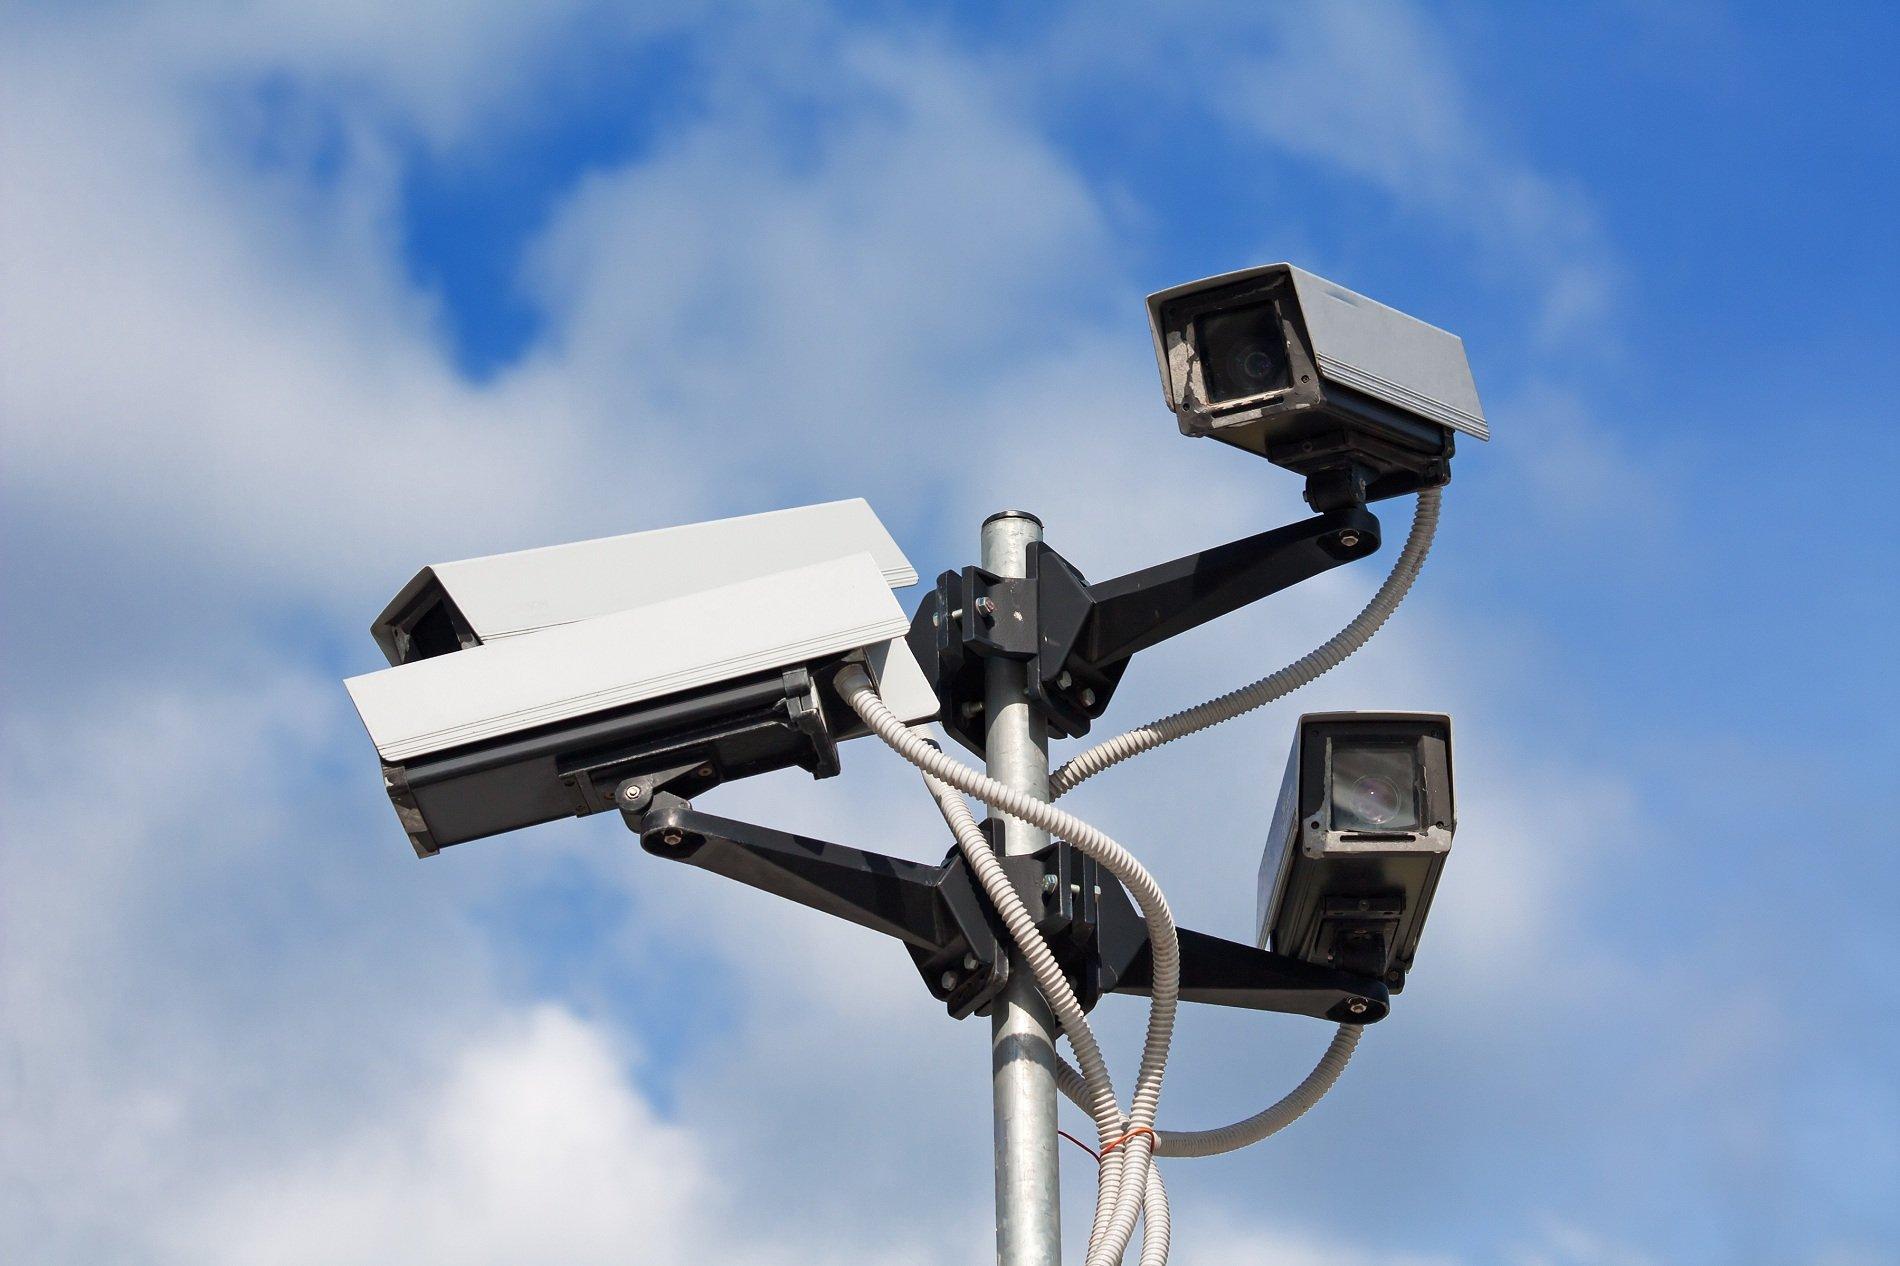 delle videocamere di sicurezza